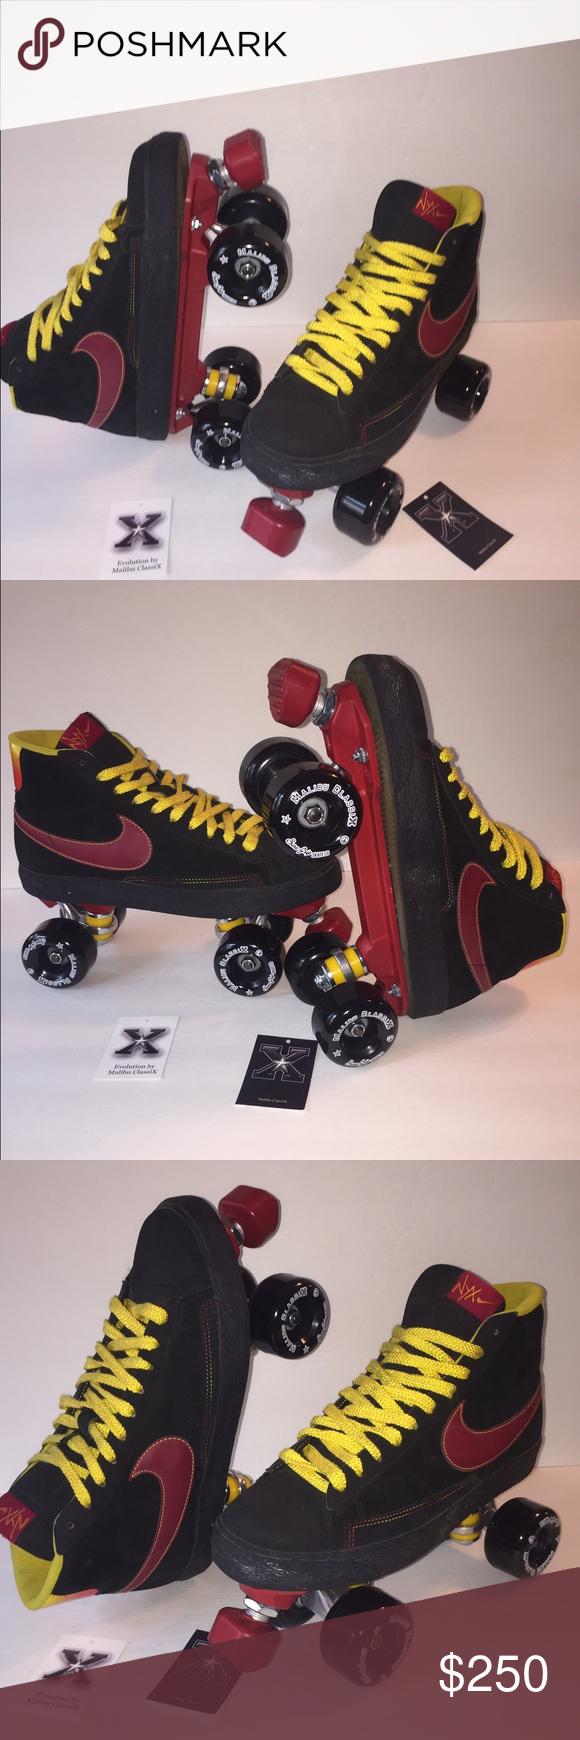 Zumiez roller skates - Nike Blazer Nyx Custom Sneaker Roller Skates Retro Inspired Custom Designed Sneaker Roller Skate